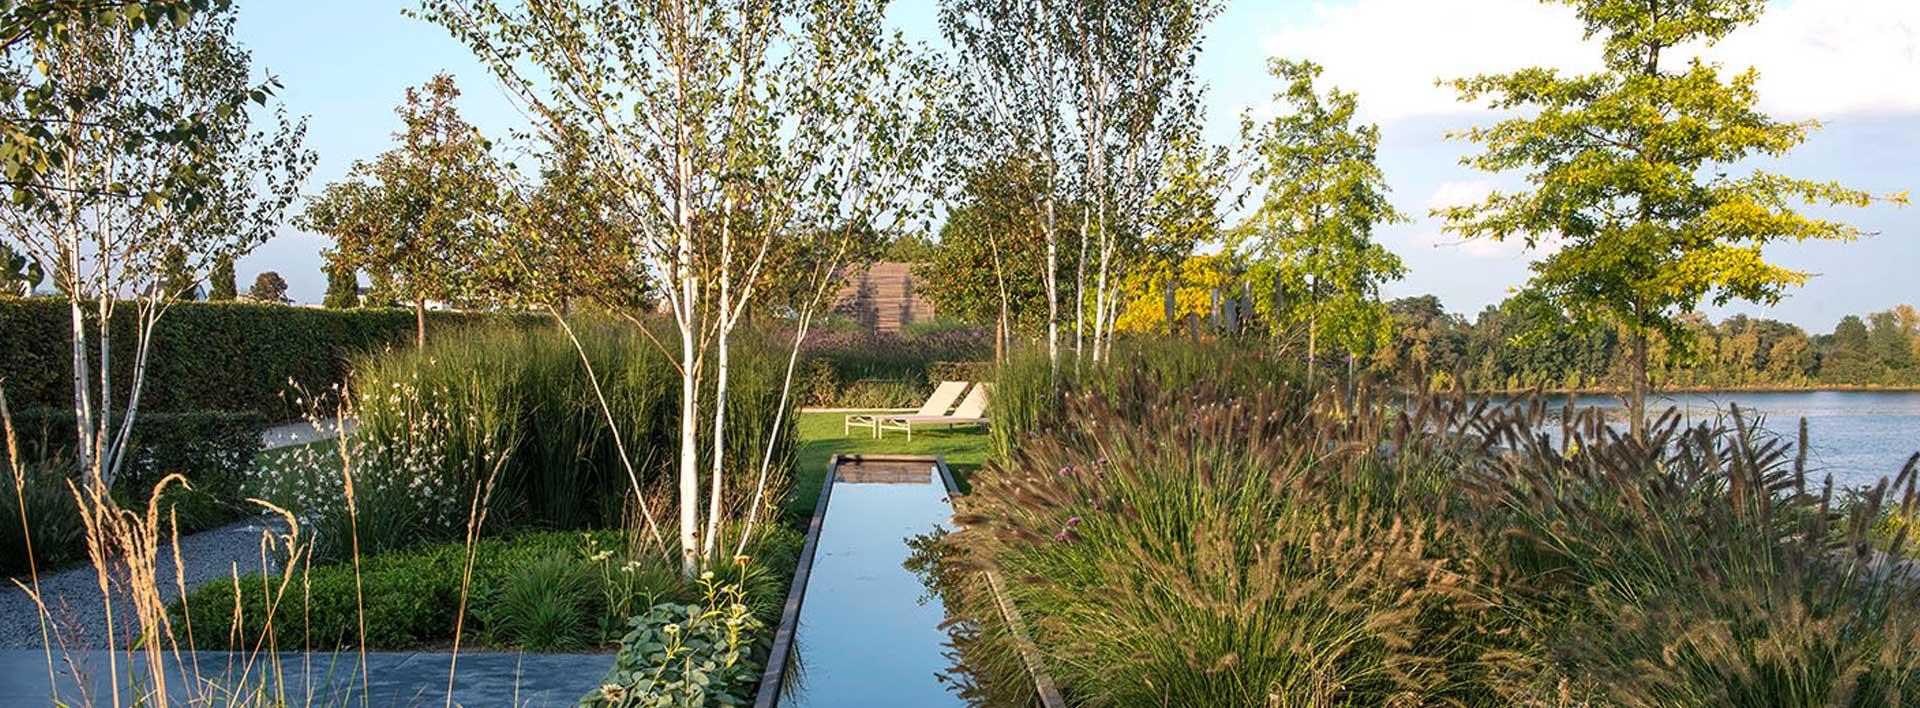 Viel Erfahrung in der Entwicklung und Gartenpflege – für gesunde Pflanzen und die Werterhaltung des Gartens